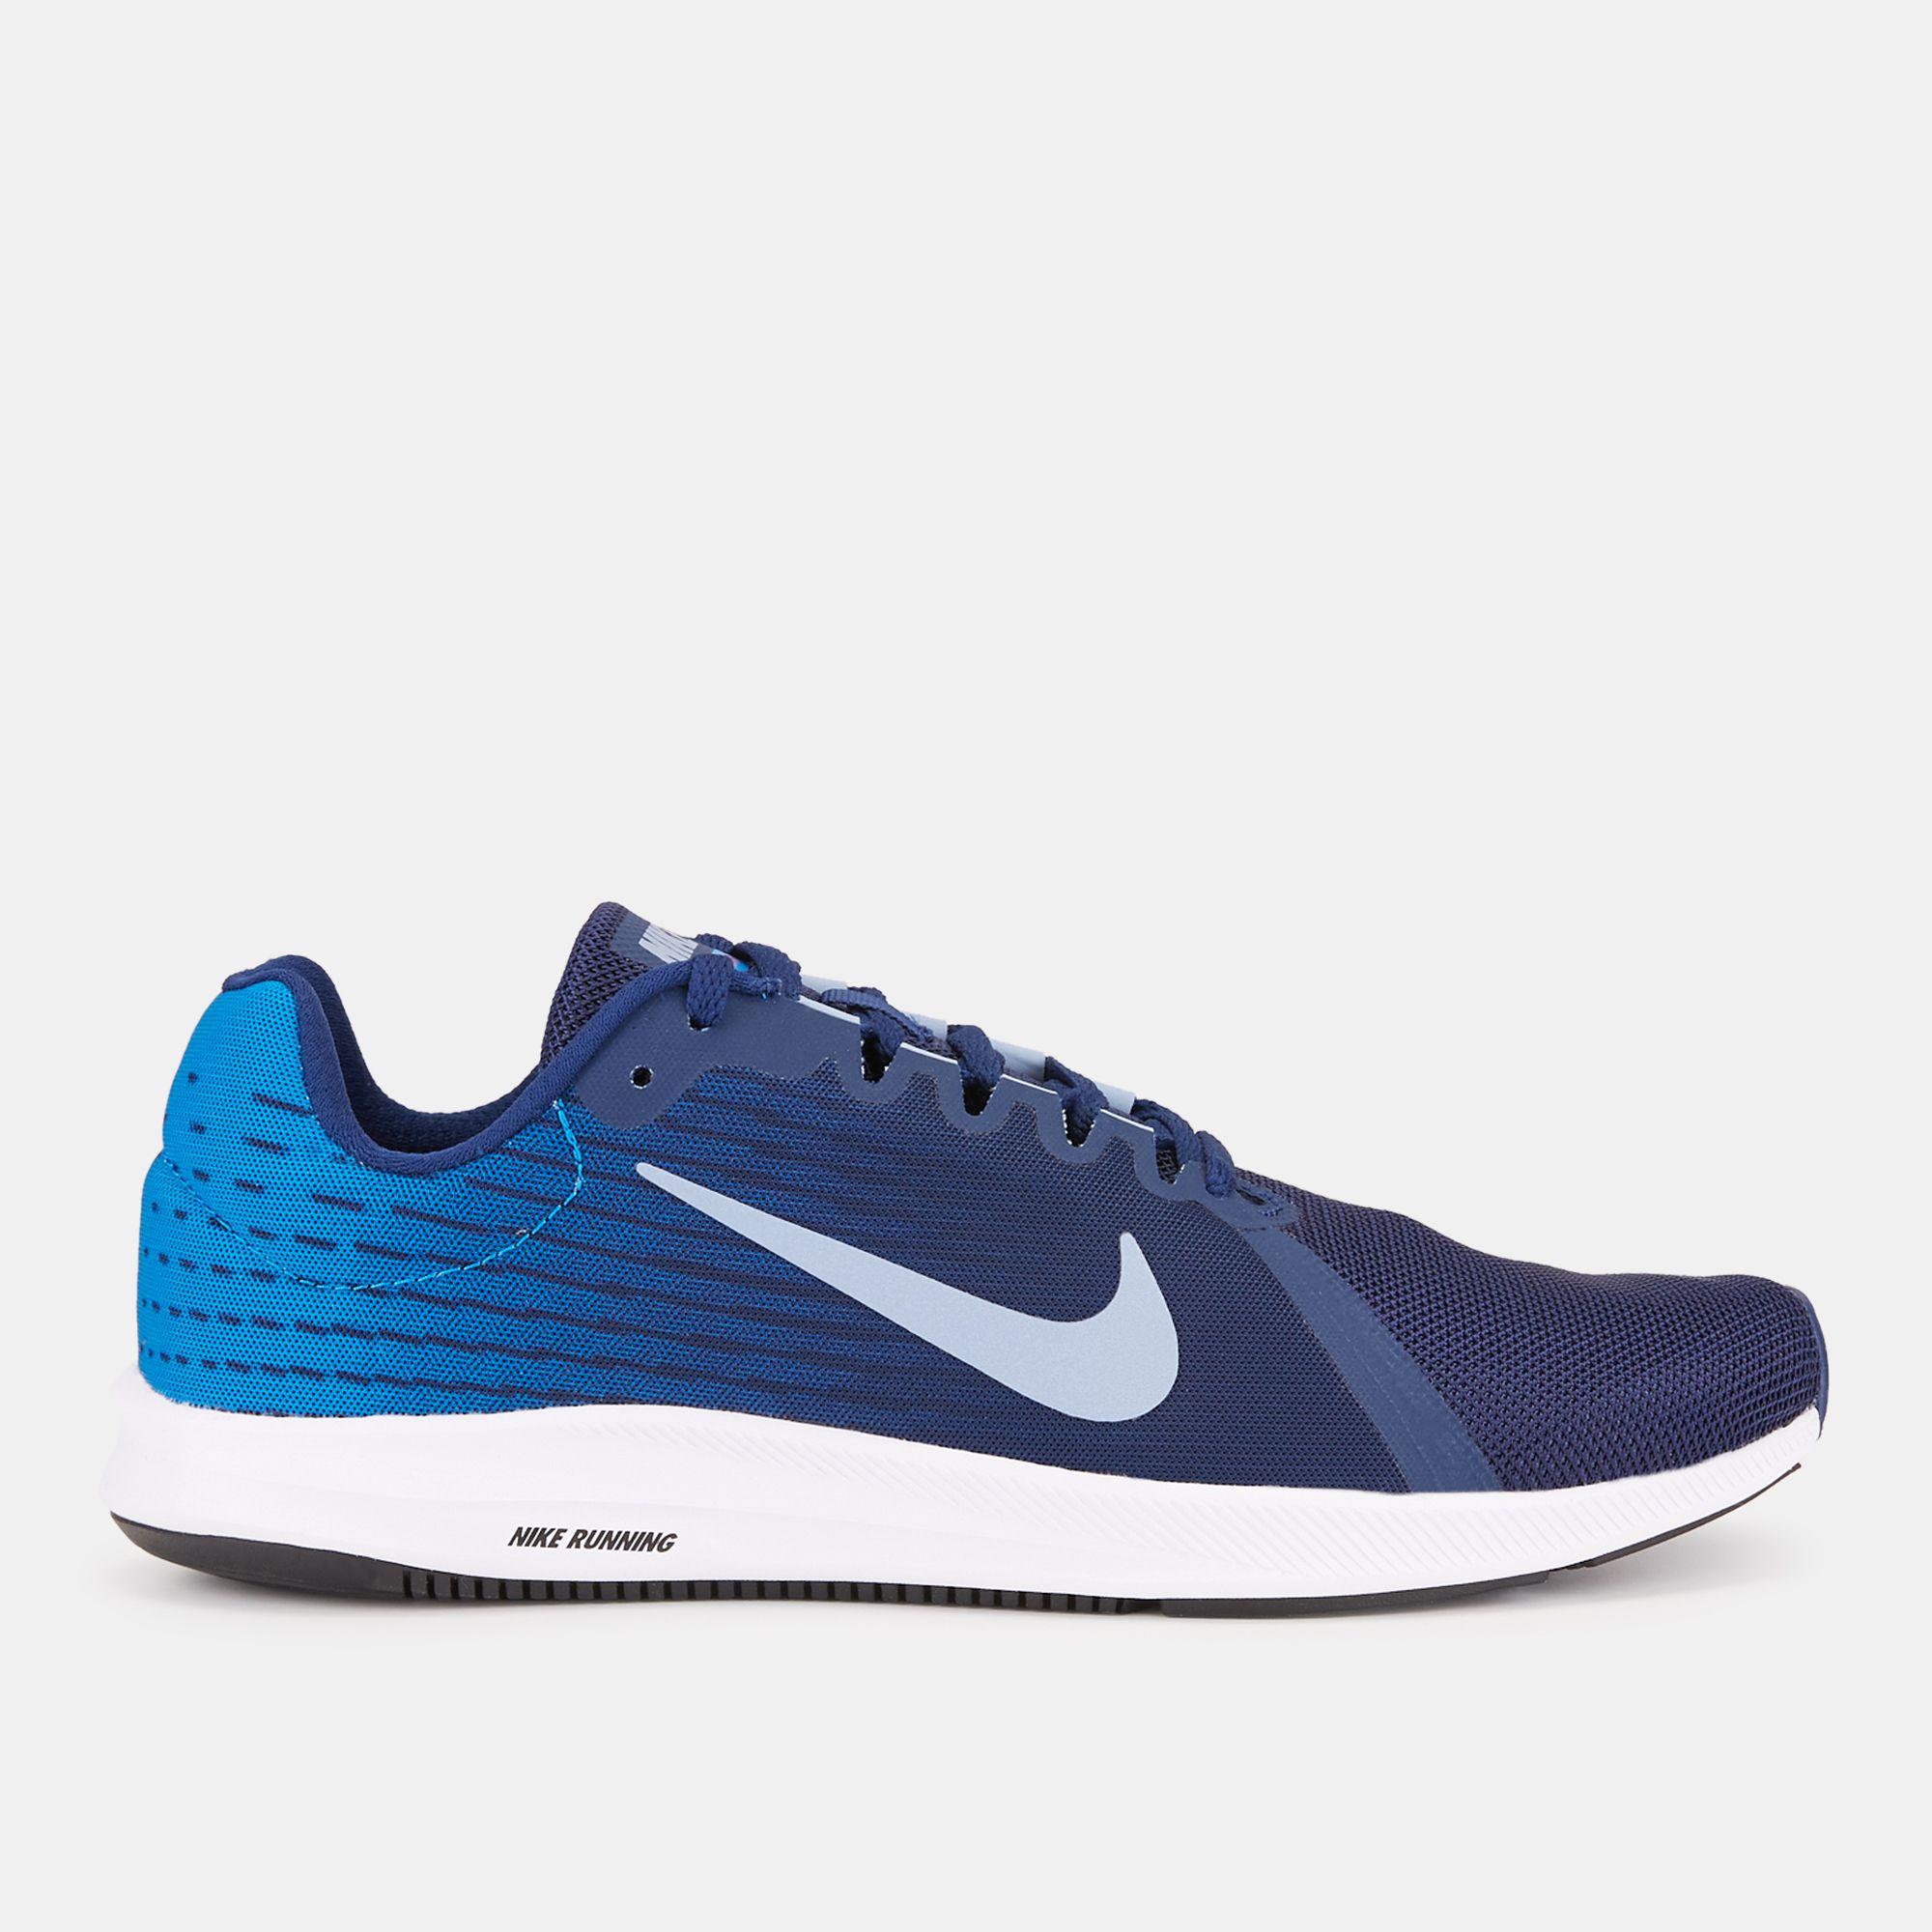 4f54acbcb409c Nike Men s Downshifter 8 Running Shoe